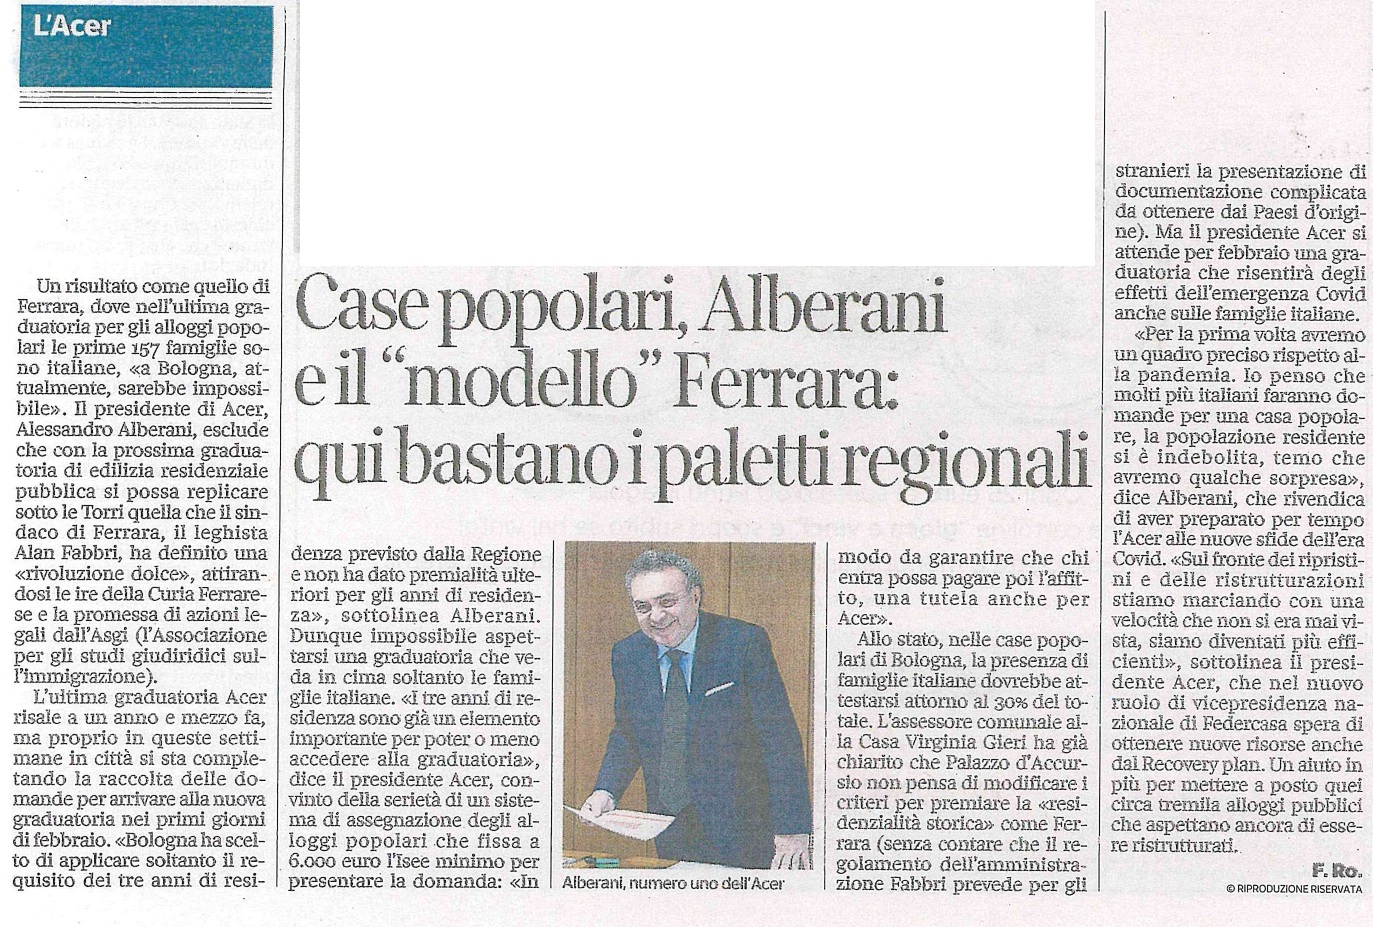 7 gennaio 2021, intervista al Corriere di Bologna: